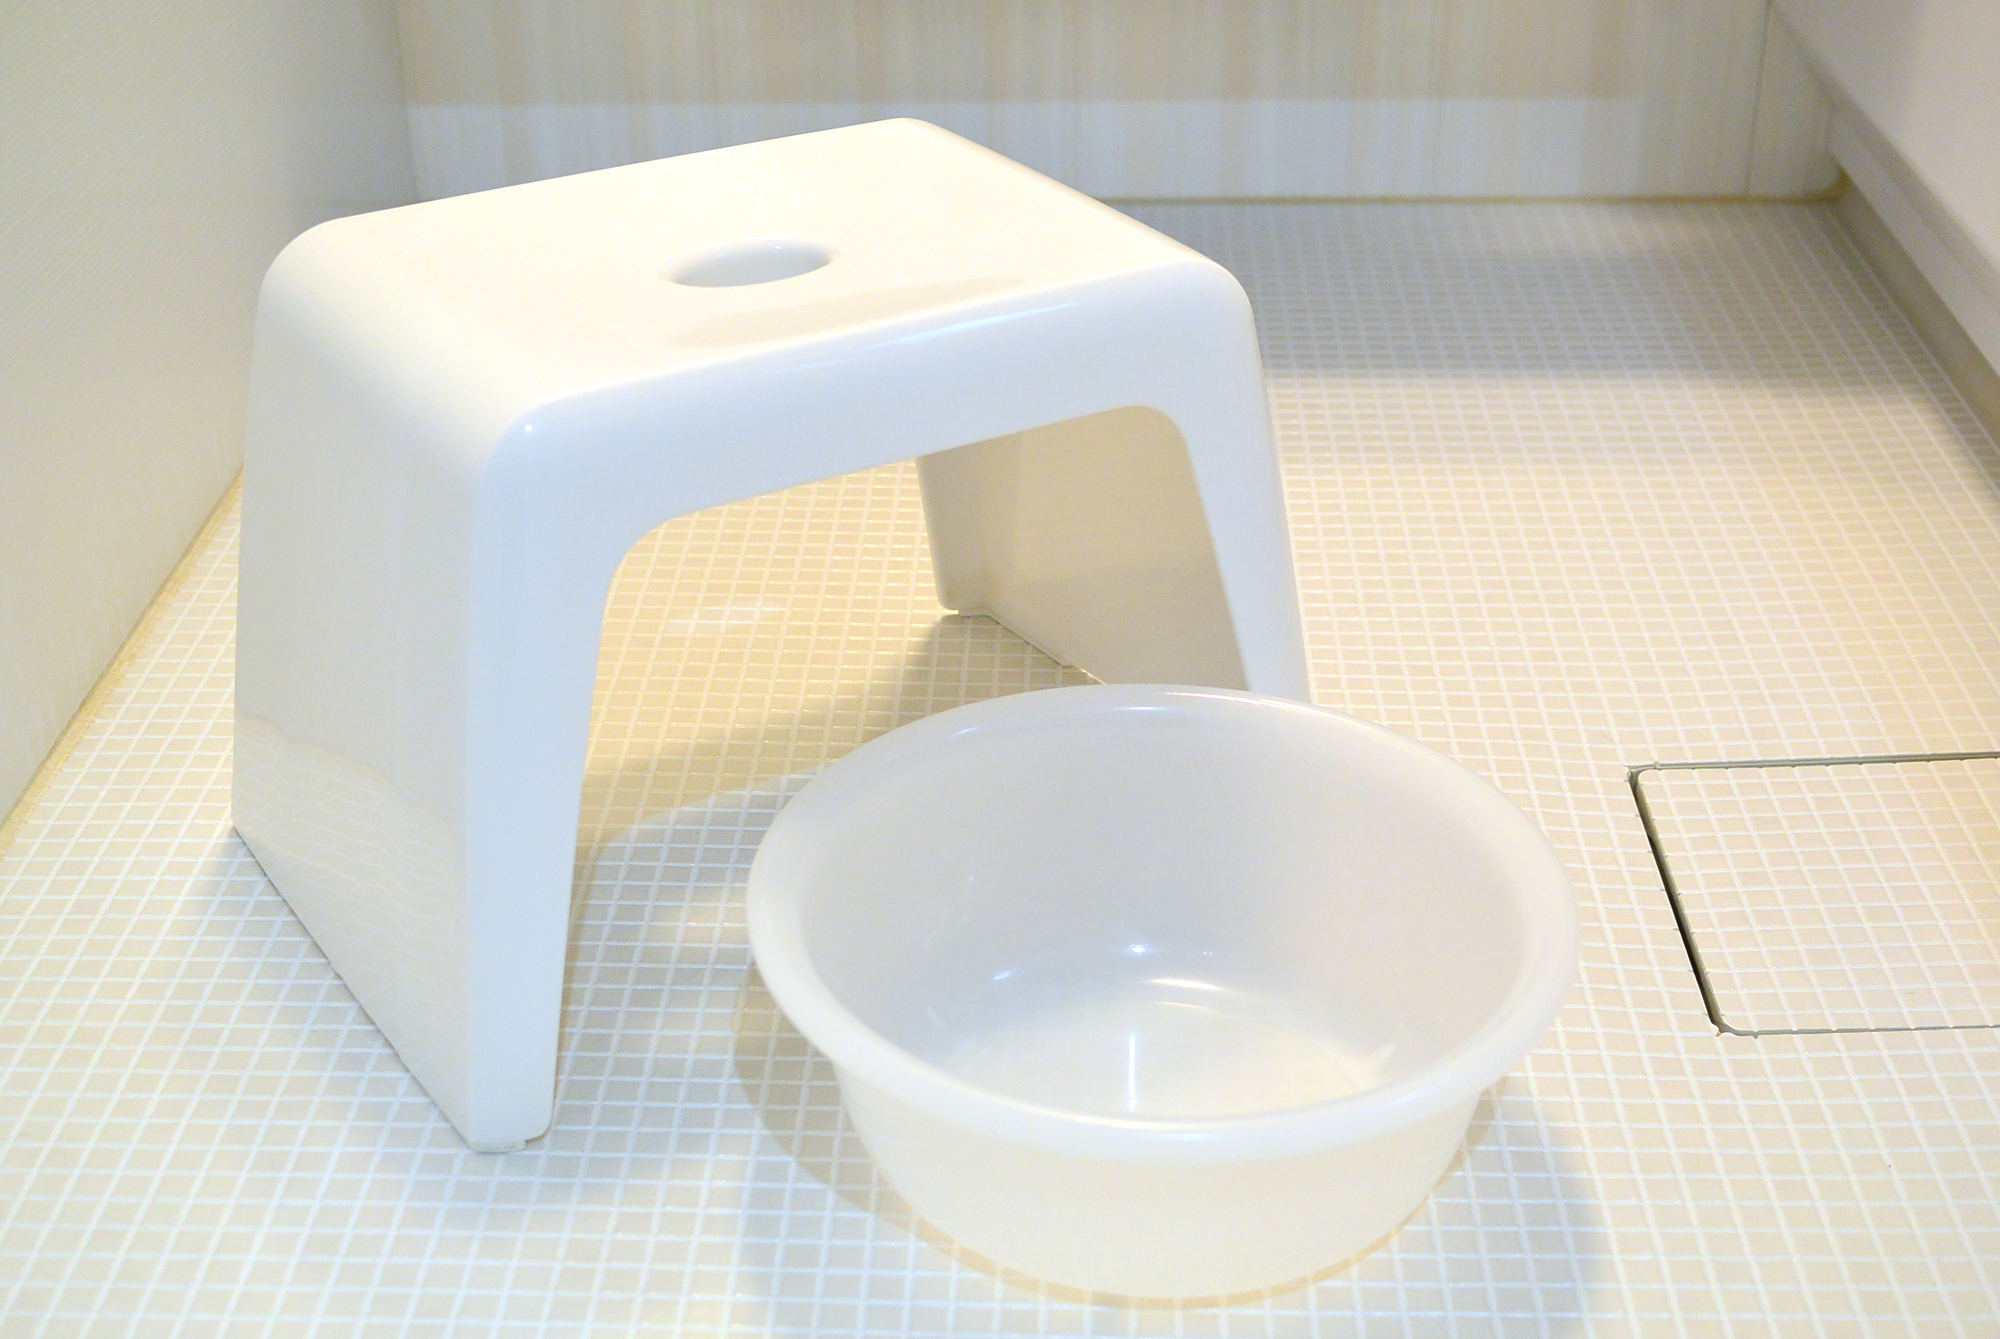 風呂場の椅子と洗面器